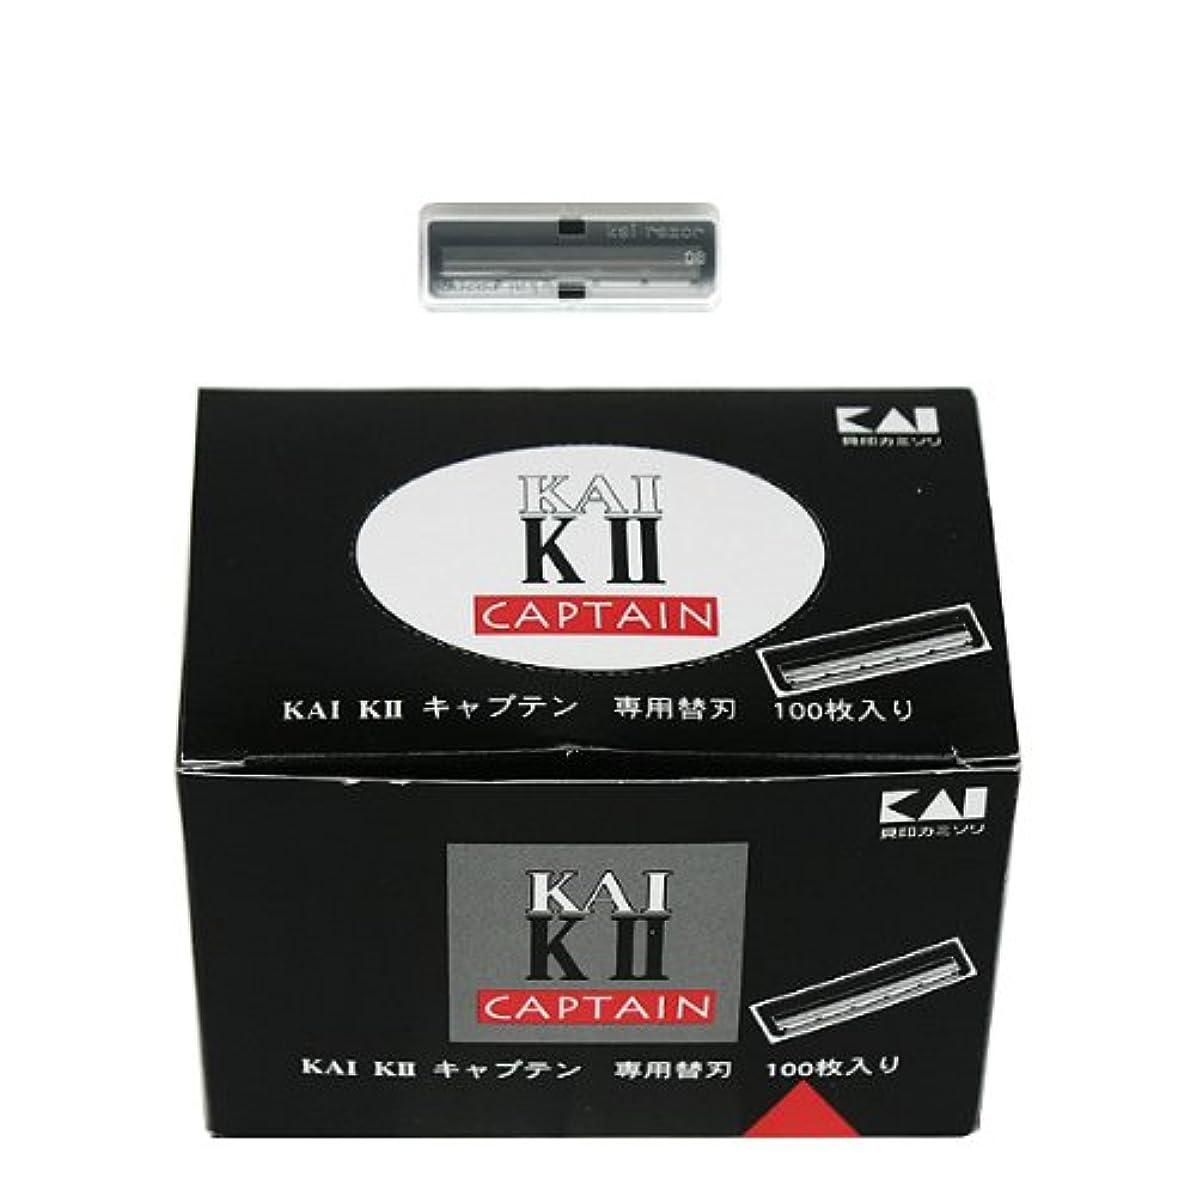 才能ピジン無許可貝印カミソリ KAI K2キャプテン 専用替刃 BーCAP 100枚入